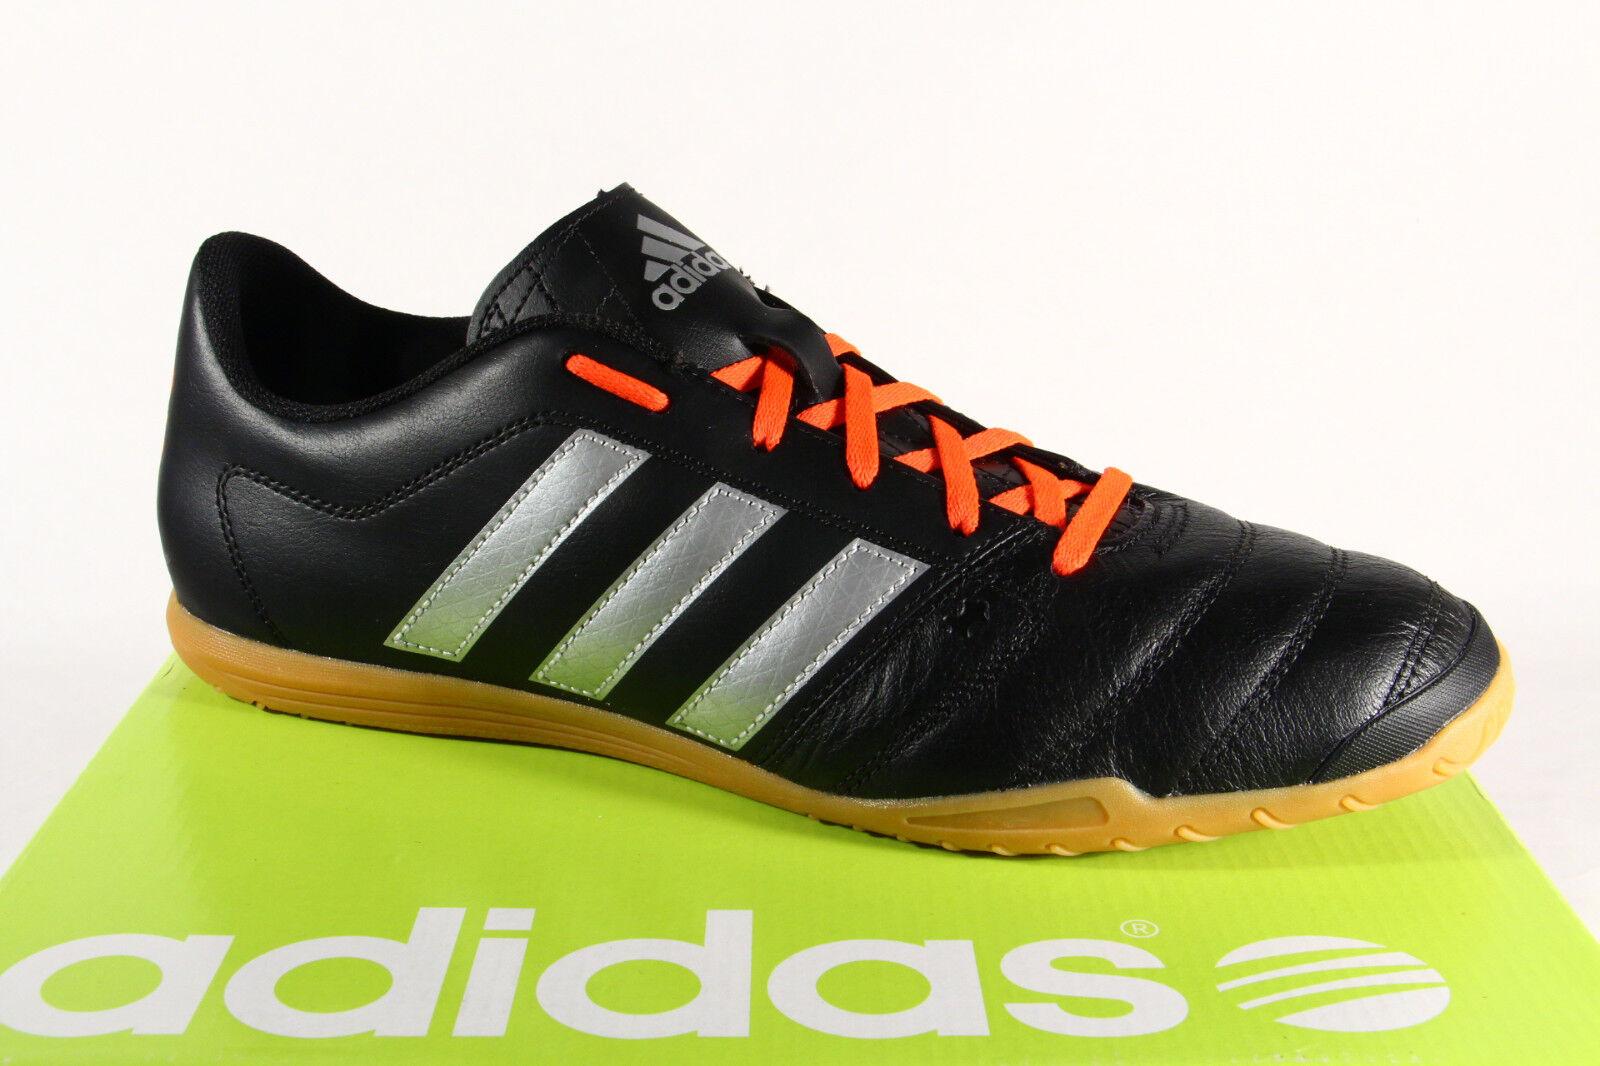 Adidas Zapatillas Deportivas Hombre Zapatos de Fútbol Negras Nueva